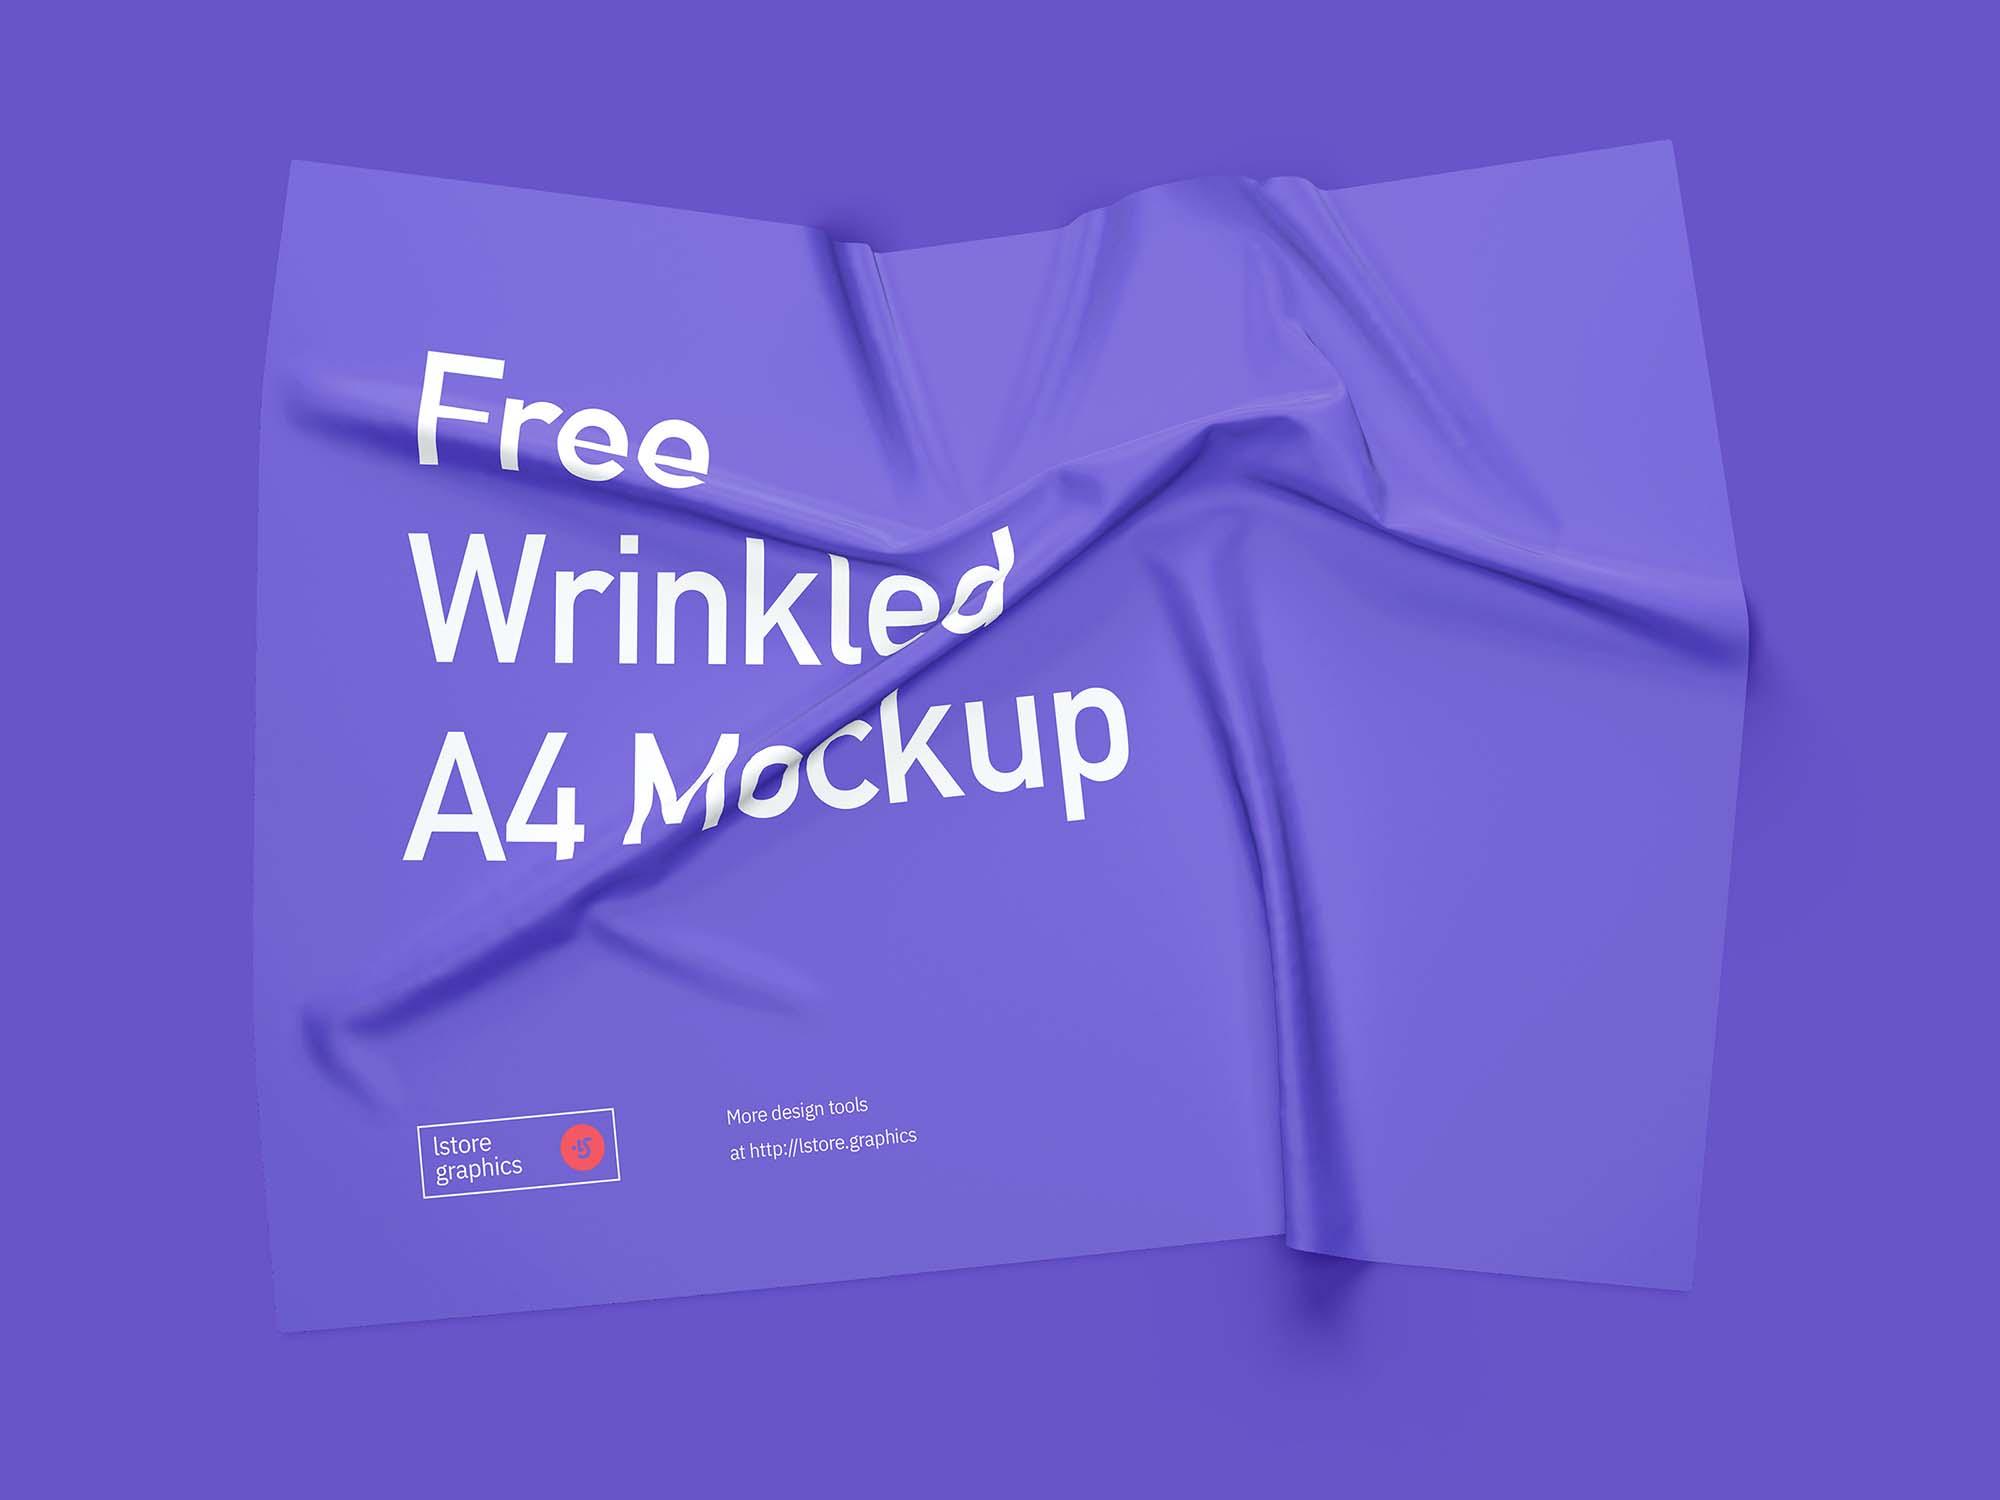 Wrinkled A4 Mockup